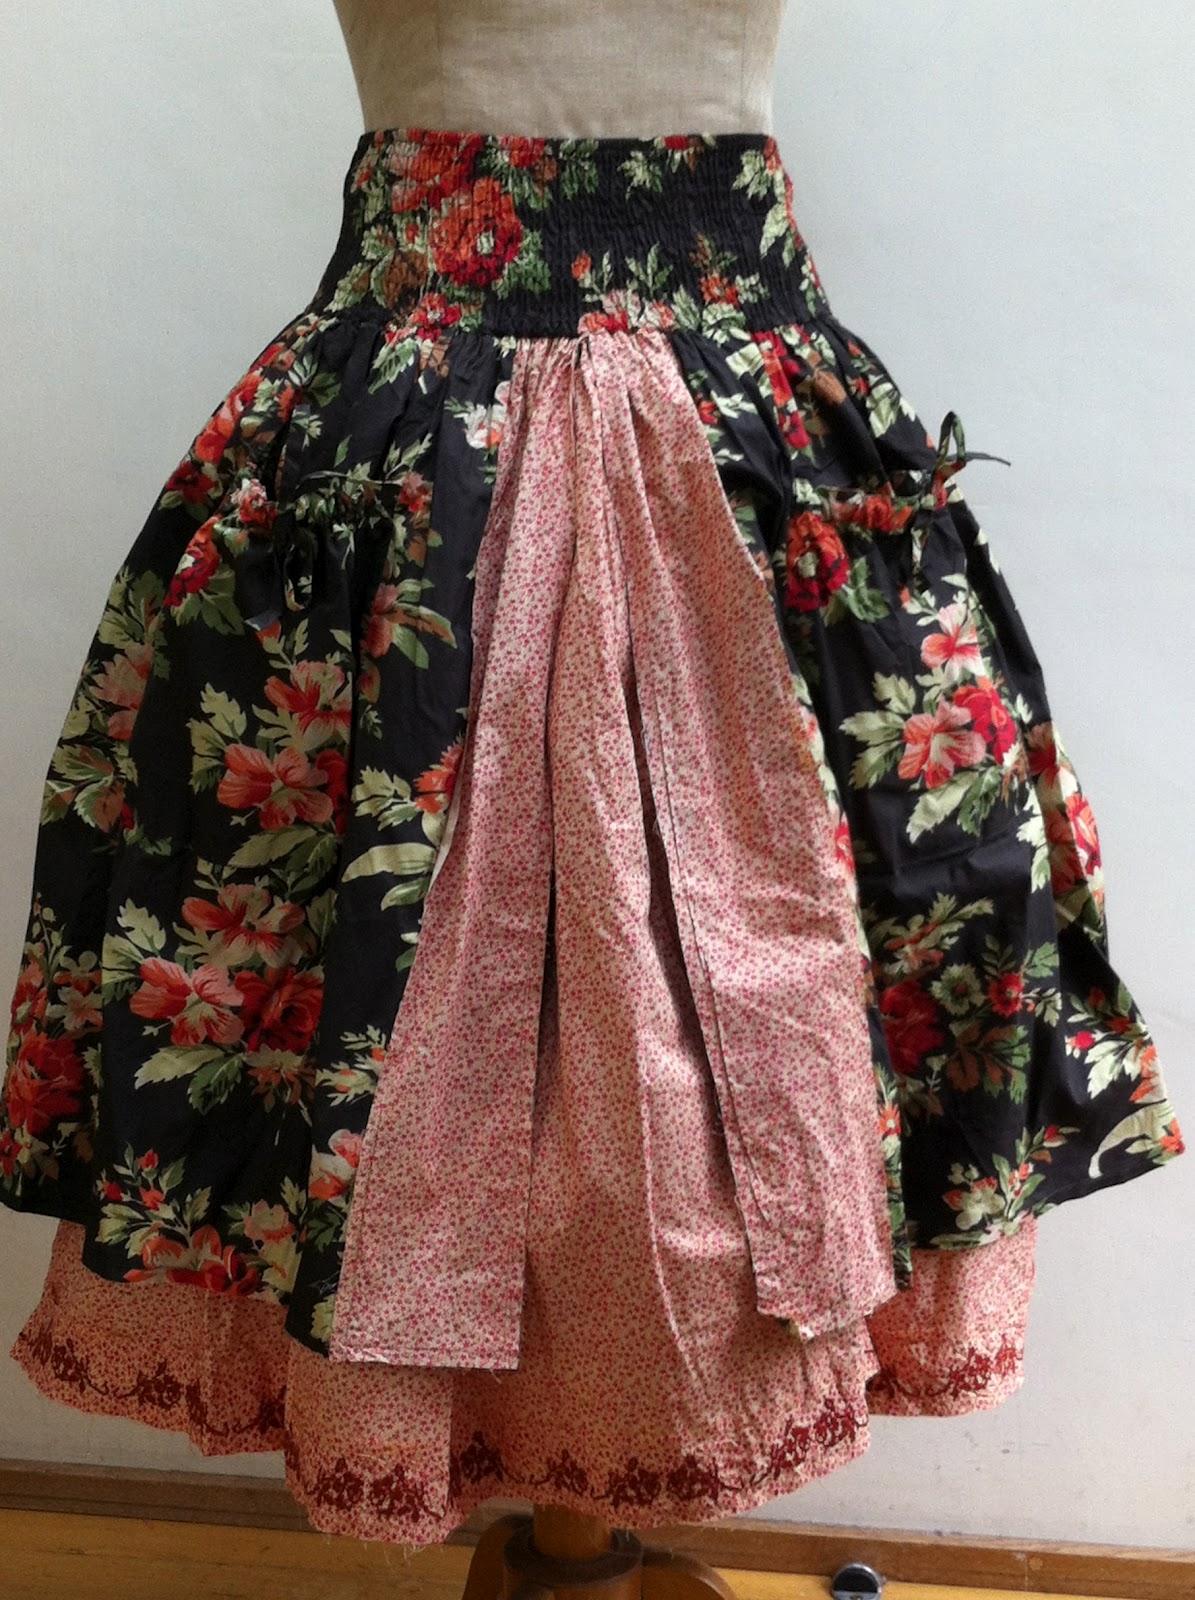 cloth clothes